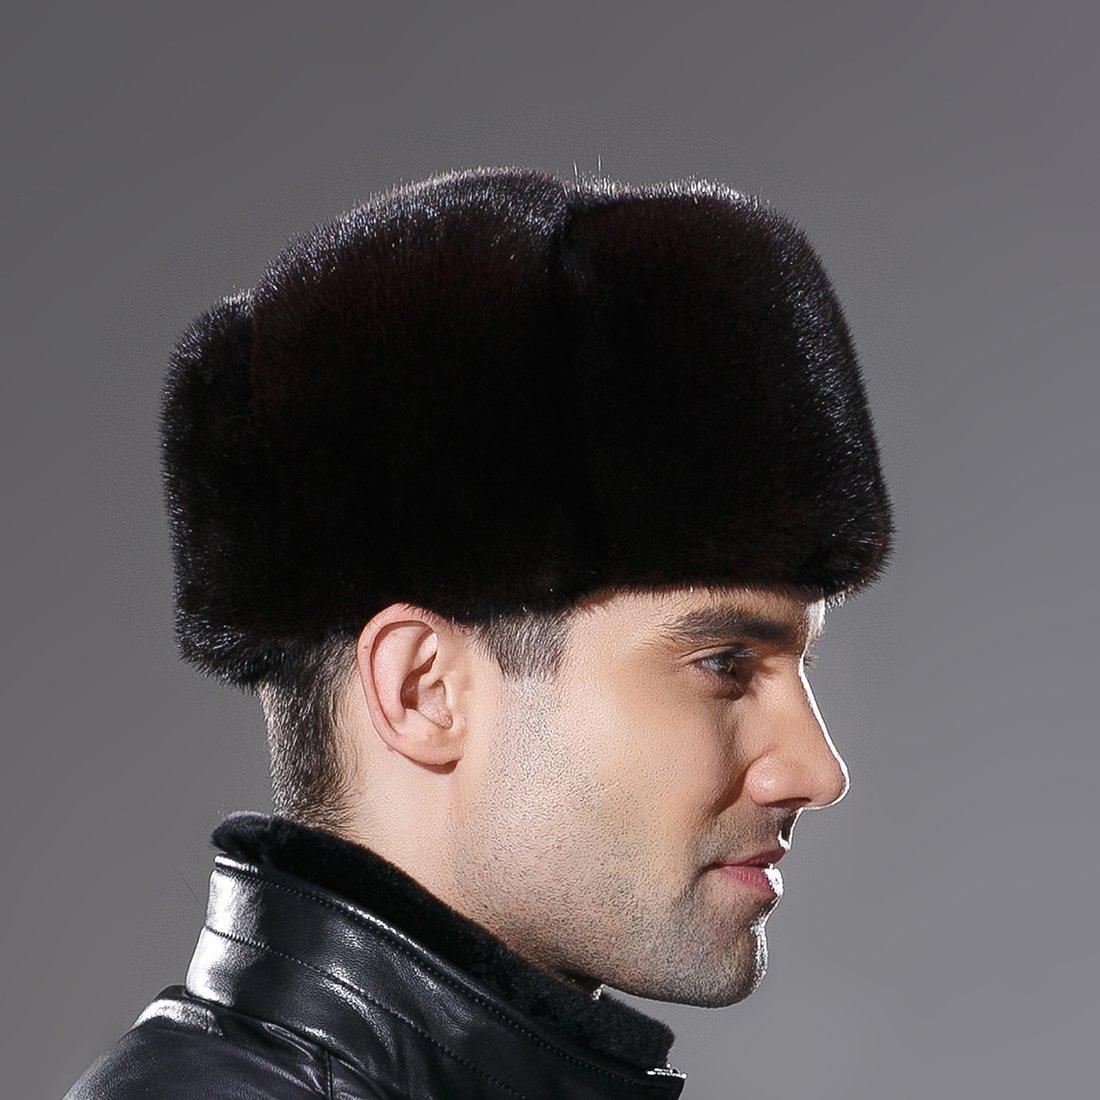 URSFUR Russian Fur Ushanka Hat Mens Winter Real Min Fur Trapper Cap Brown L by URSFUR (Image #5)